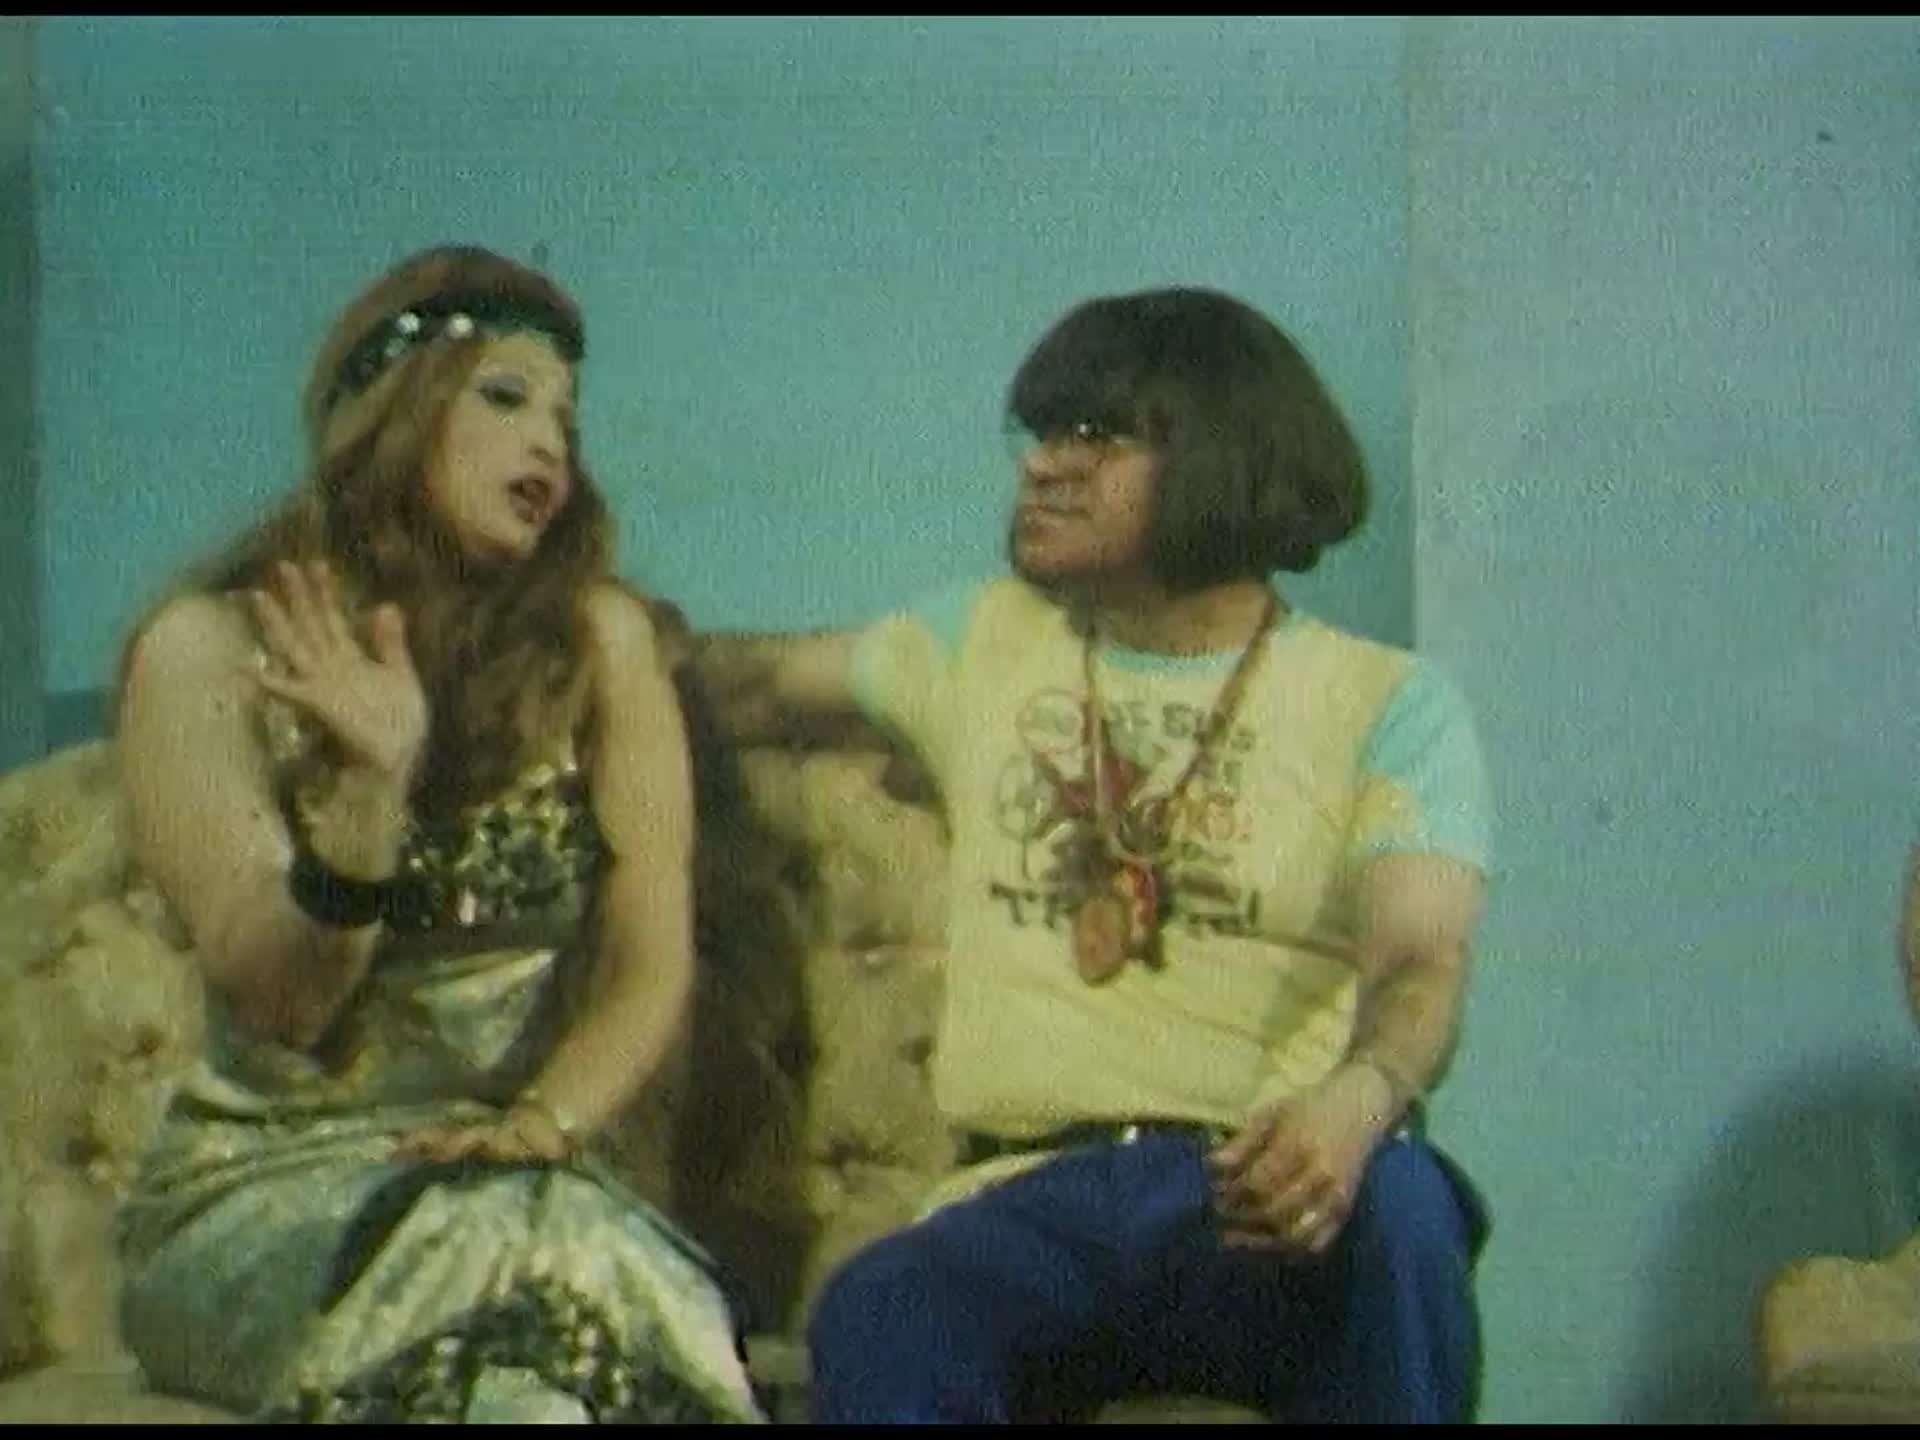 مسرحية لوليتا (1974) 1080p تحميل تورنت 11 arabp2p.com